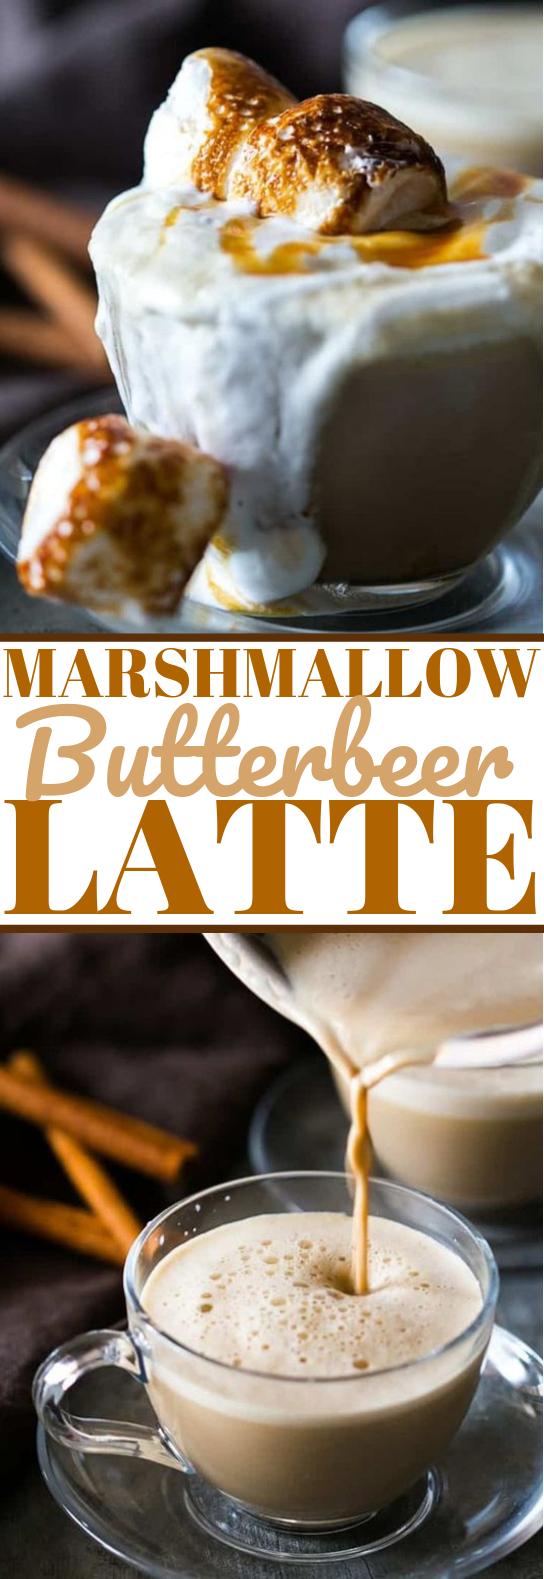 Best Marshmallow Butterbeer Latte #drinks #latte